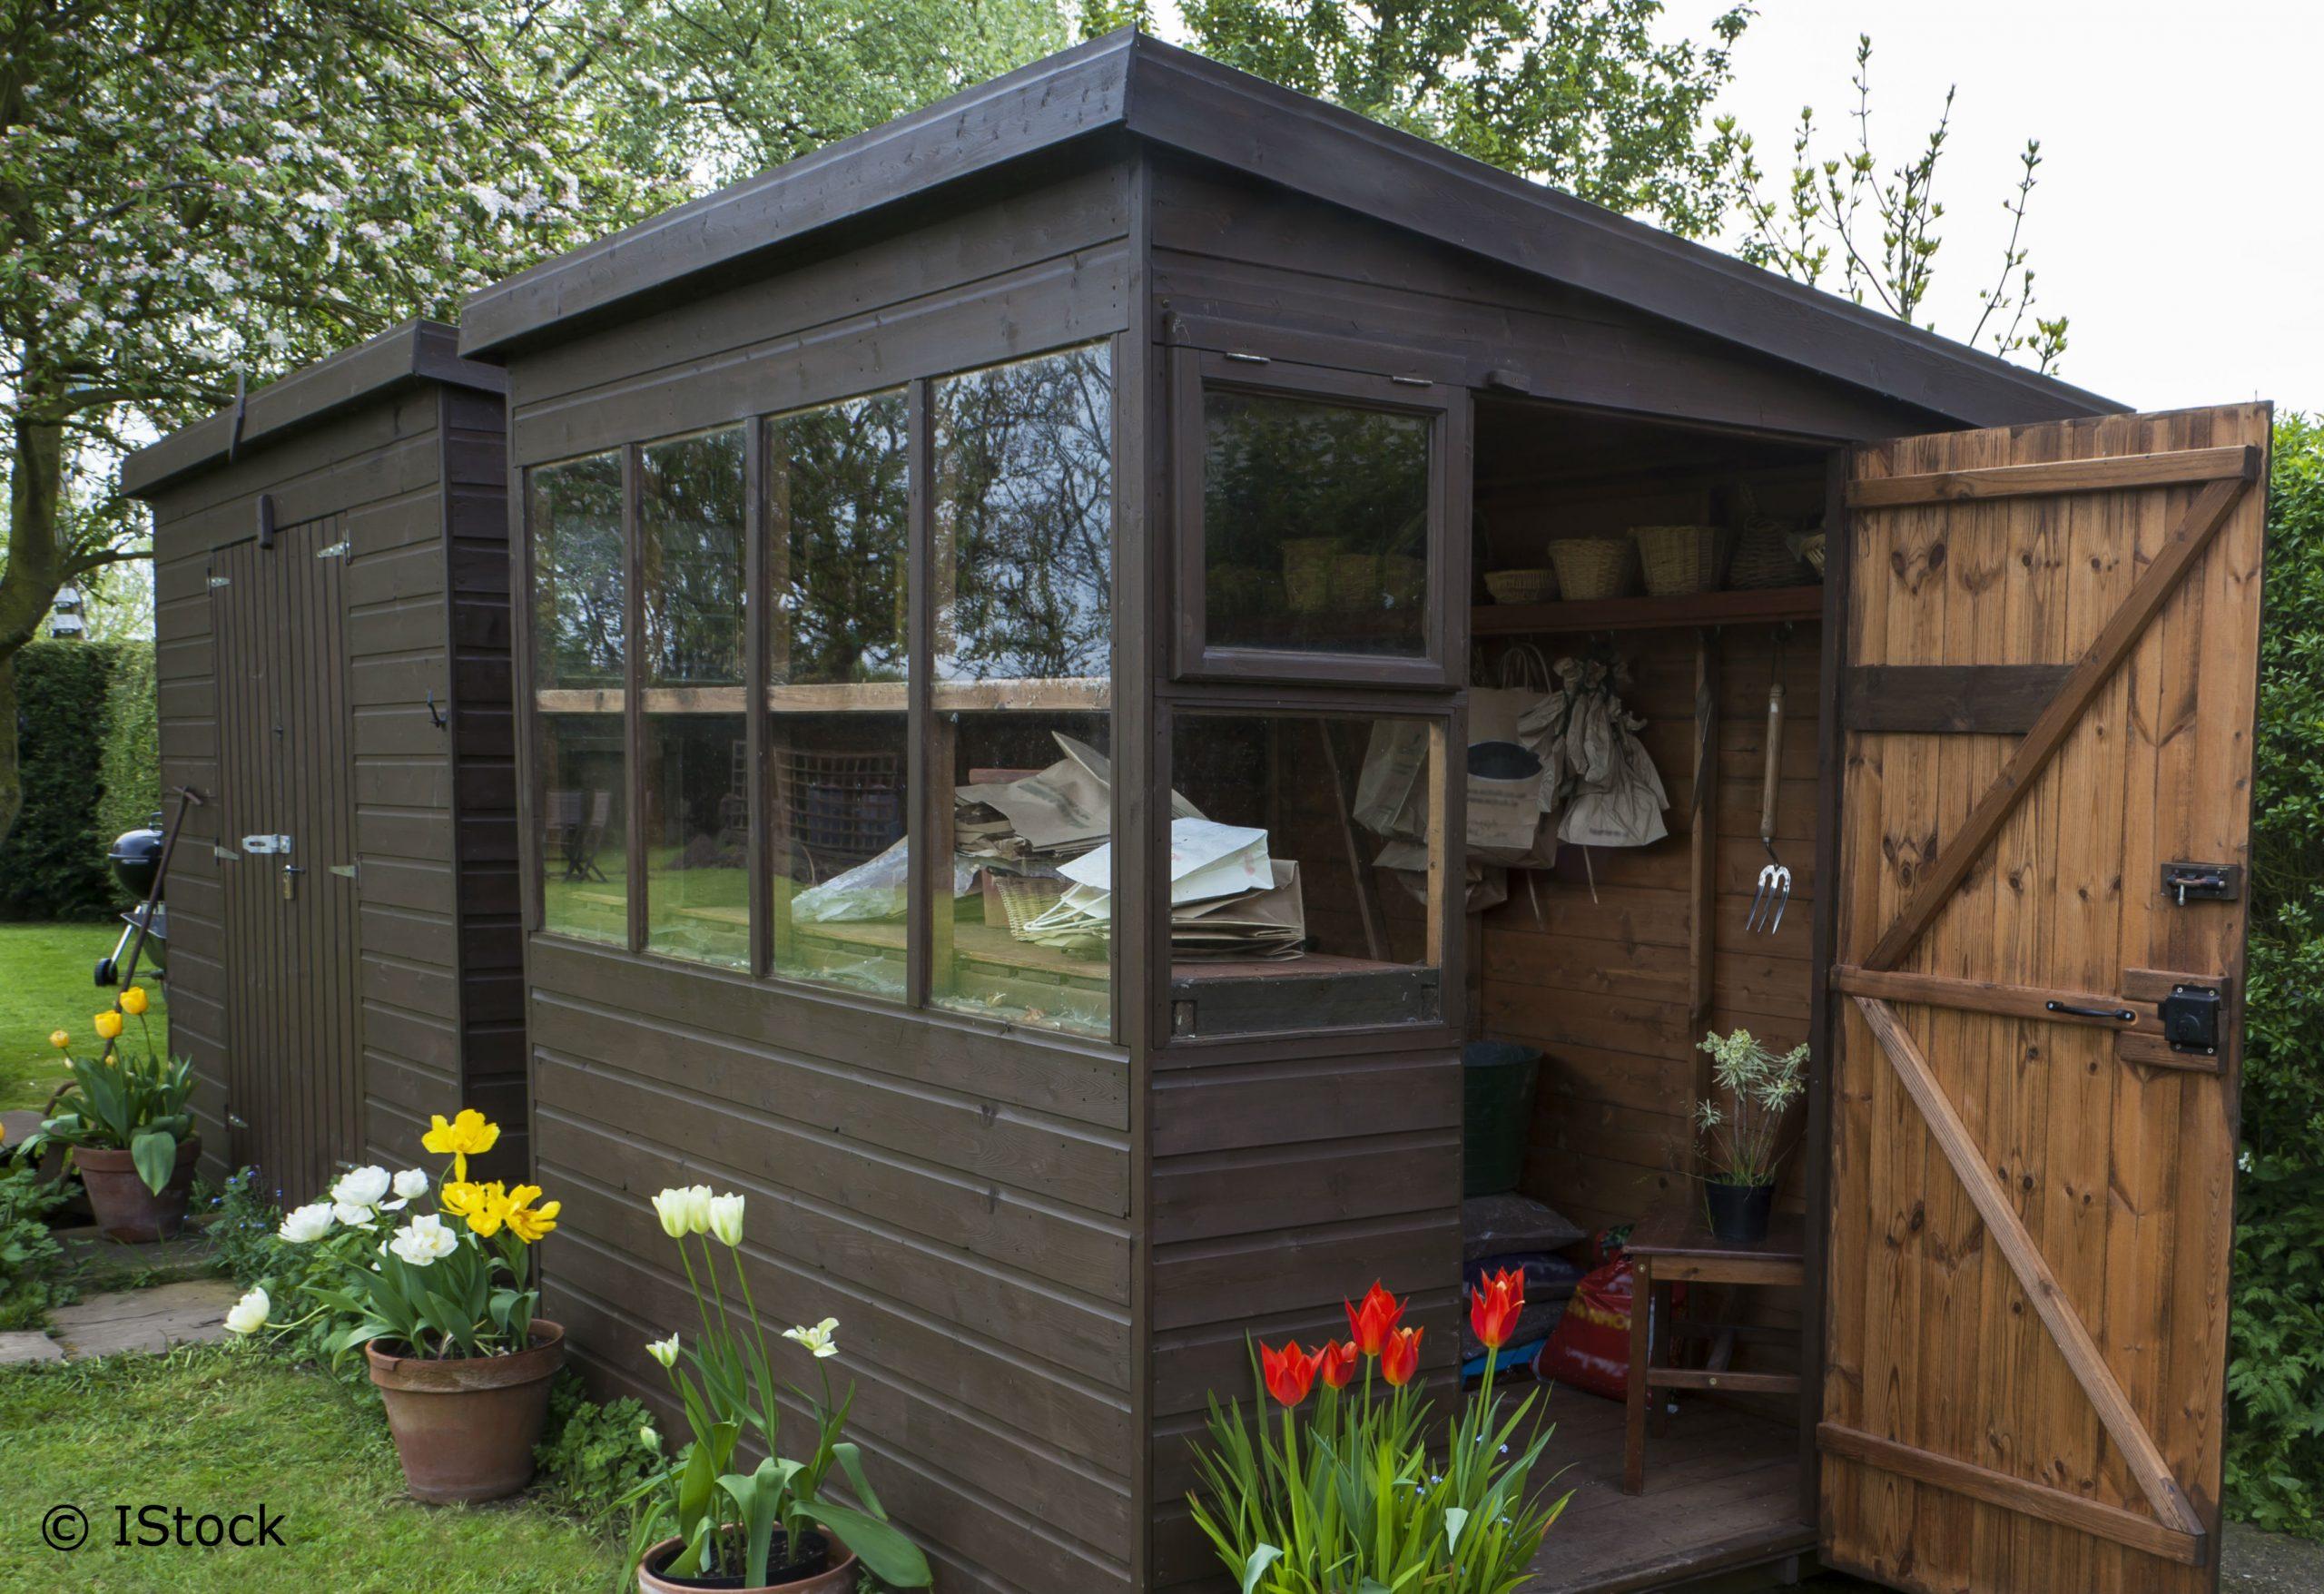 Fabriquer Un Abri De Jardin - Canalcncarauca destiné Fabriquer Une Cabane De Jardin